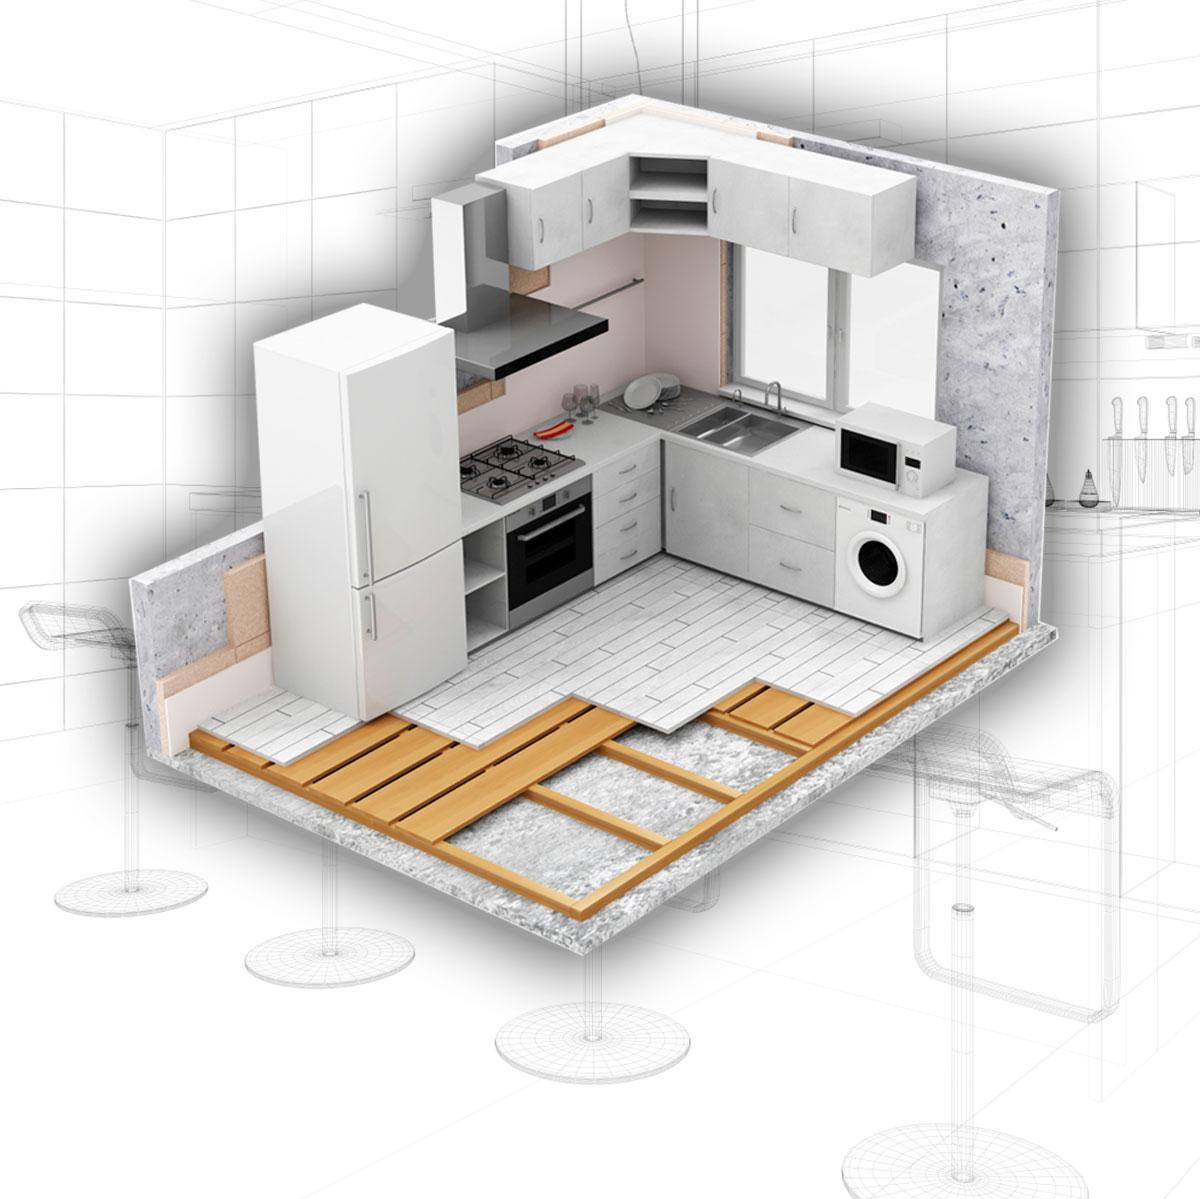 Software de diseno buena cocina for Software para diseno de cocinas